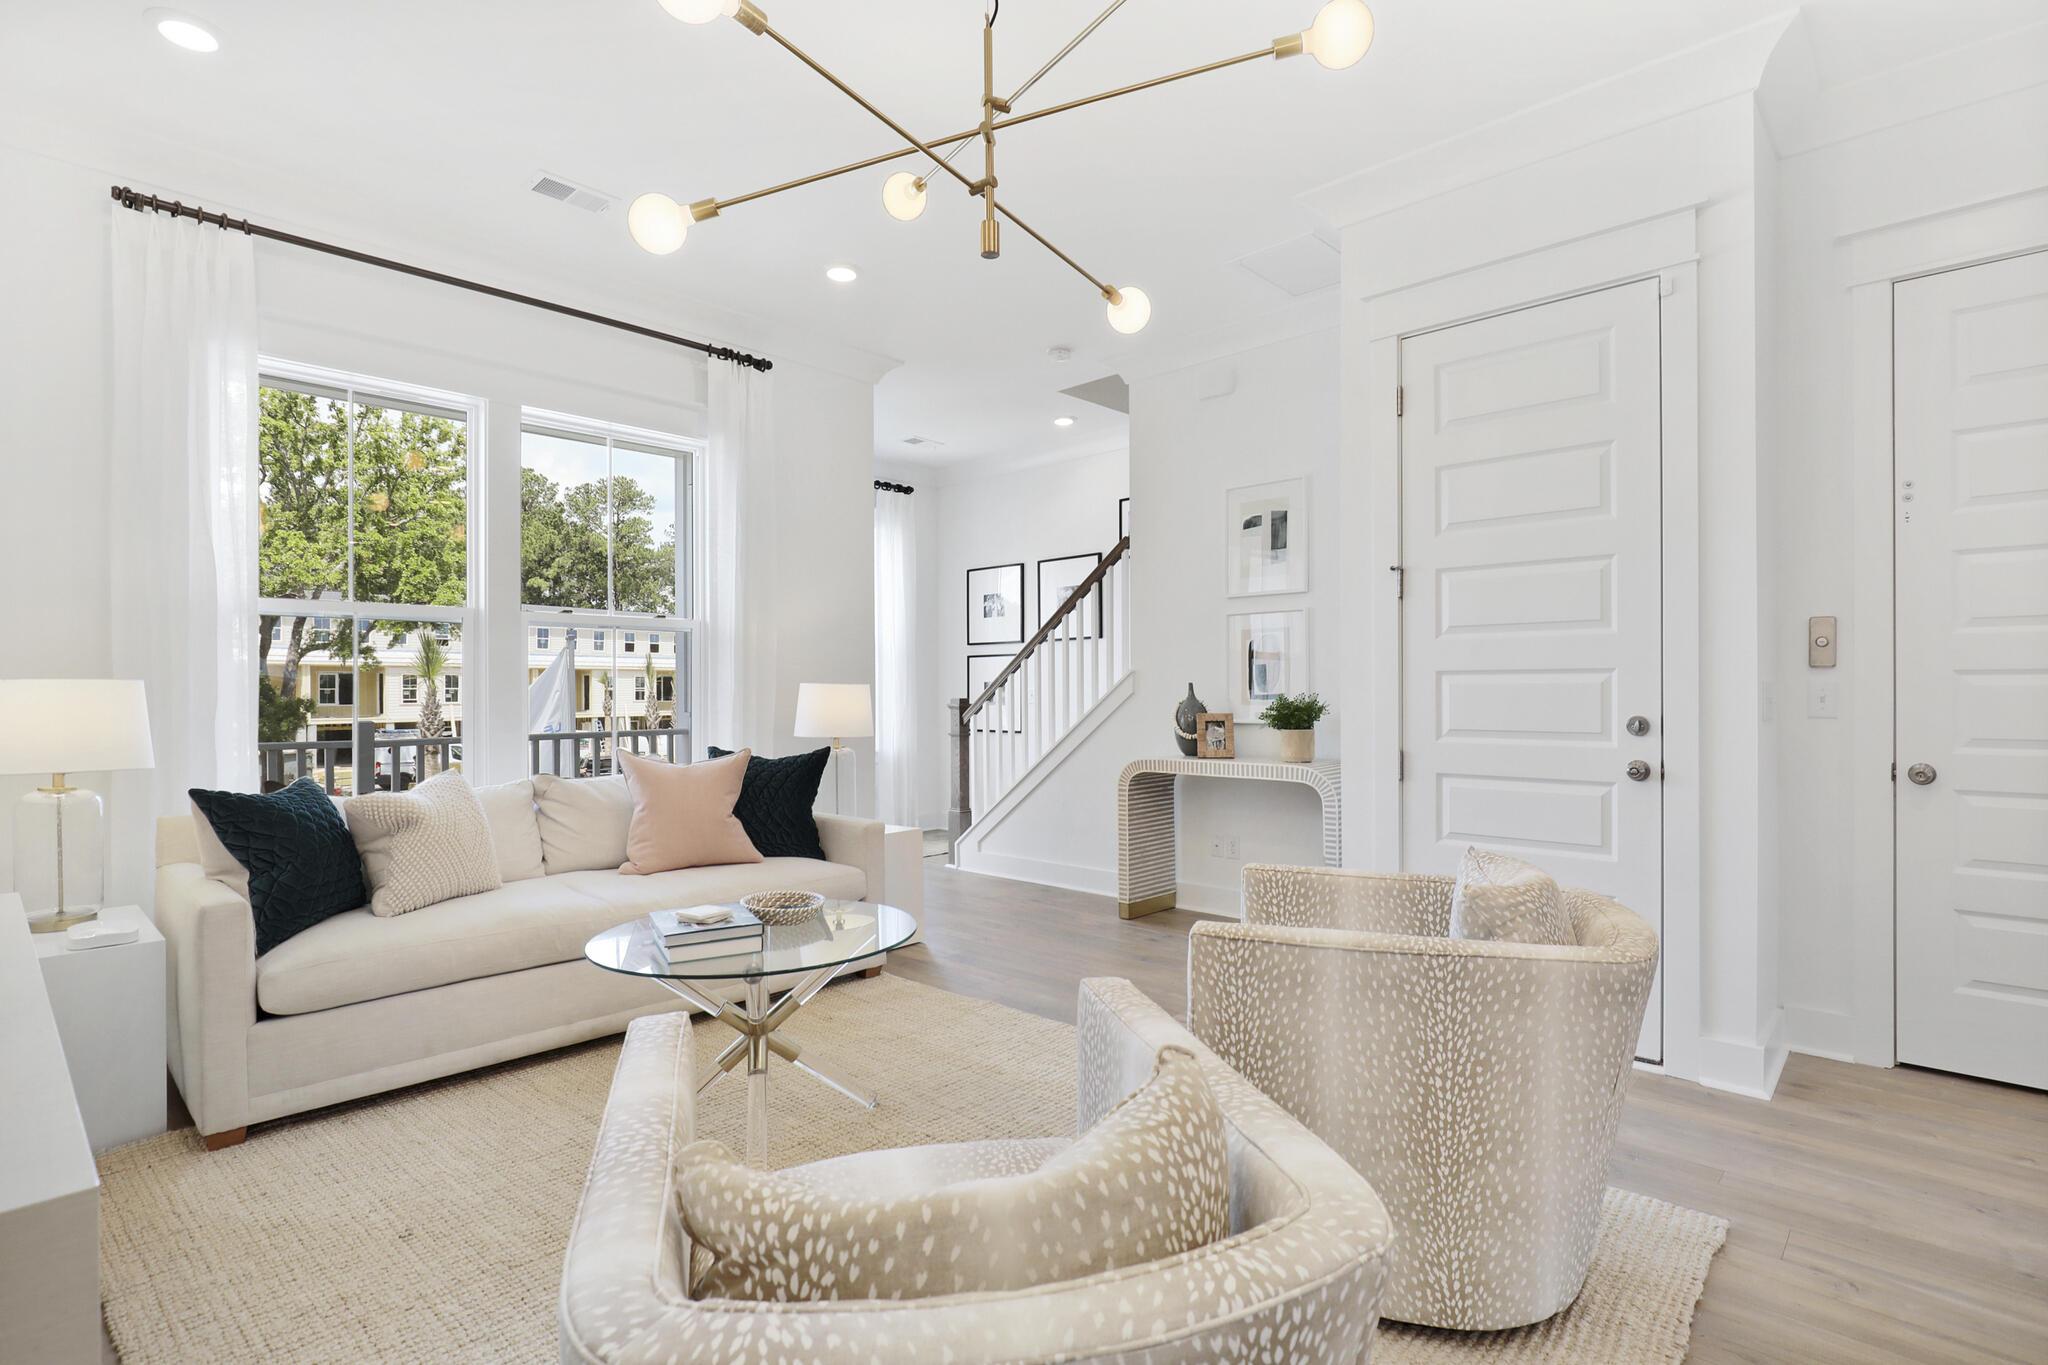 803 Kings Oak Court, Charleston, 29492, 2 Bedrooms Bedrooms, ,2 BathroomsBathrooms,For Sale,Kings Oak,21020043